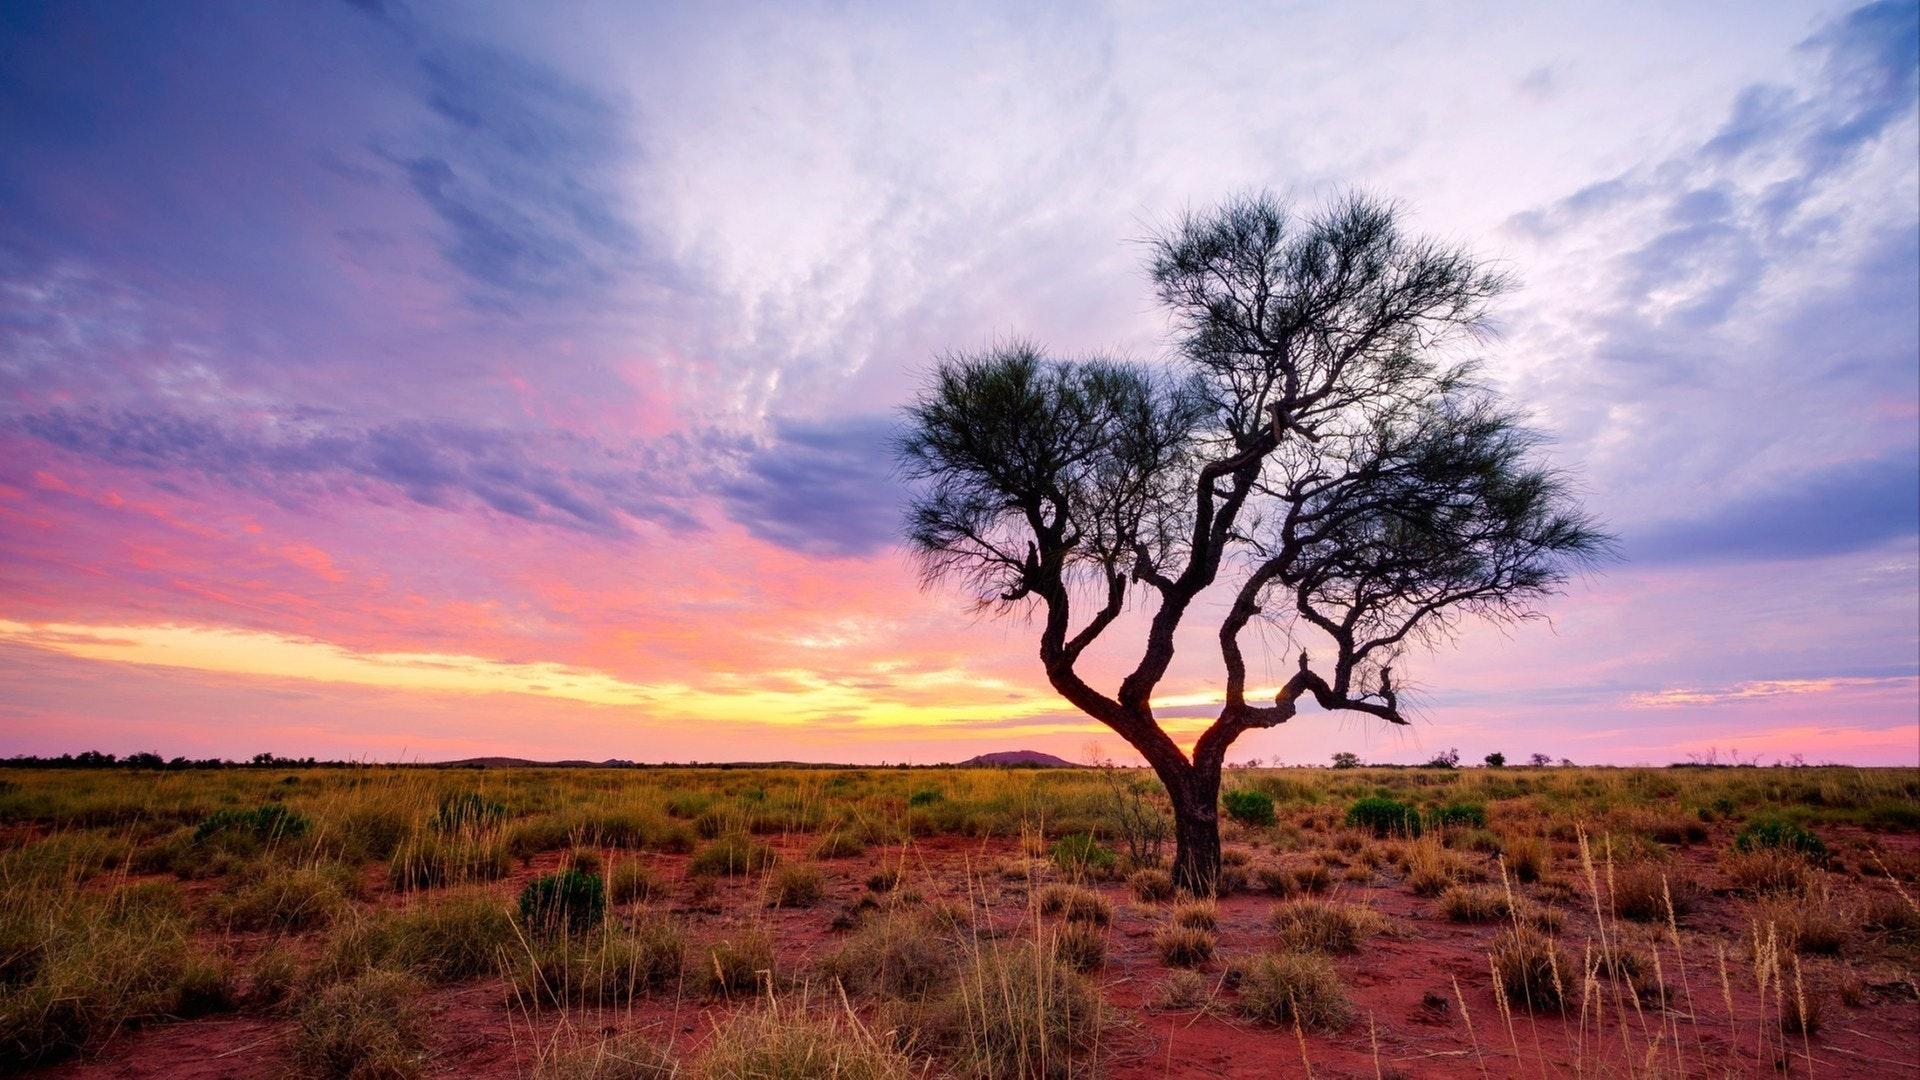 Uma árvore Hakea fica sozinha no interior australiano durante o pôr-do-sol